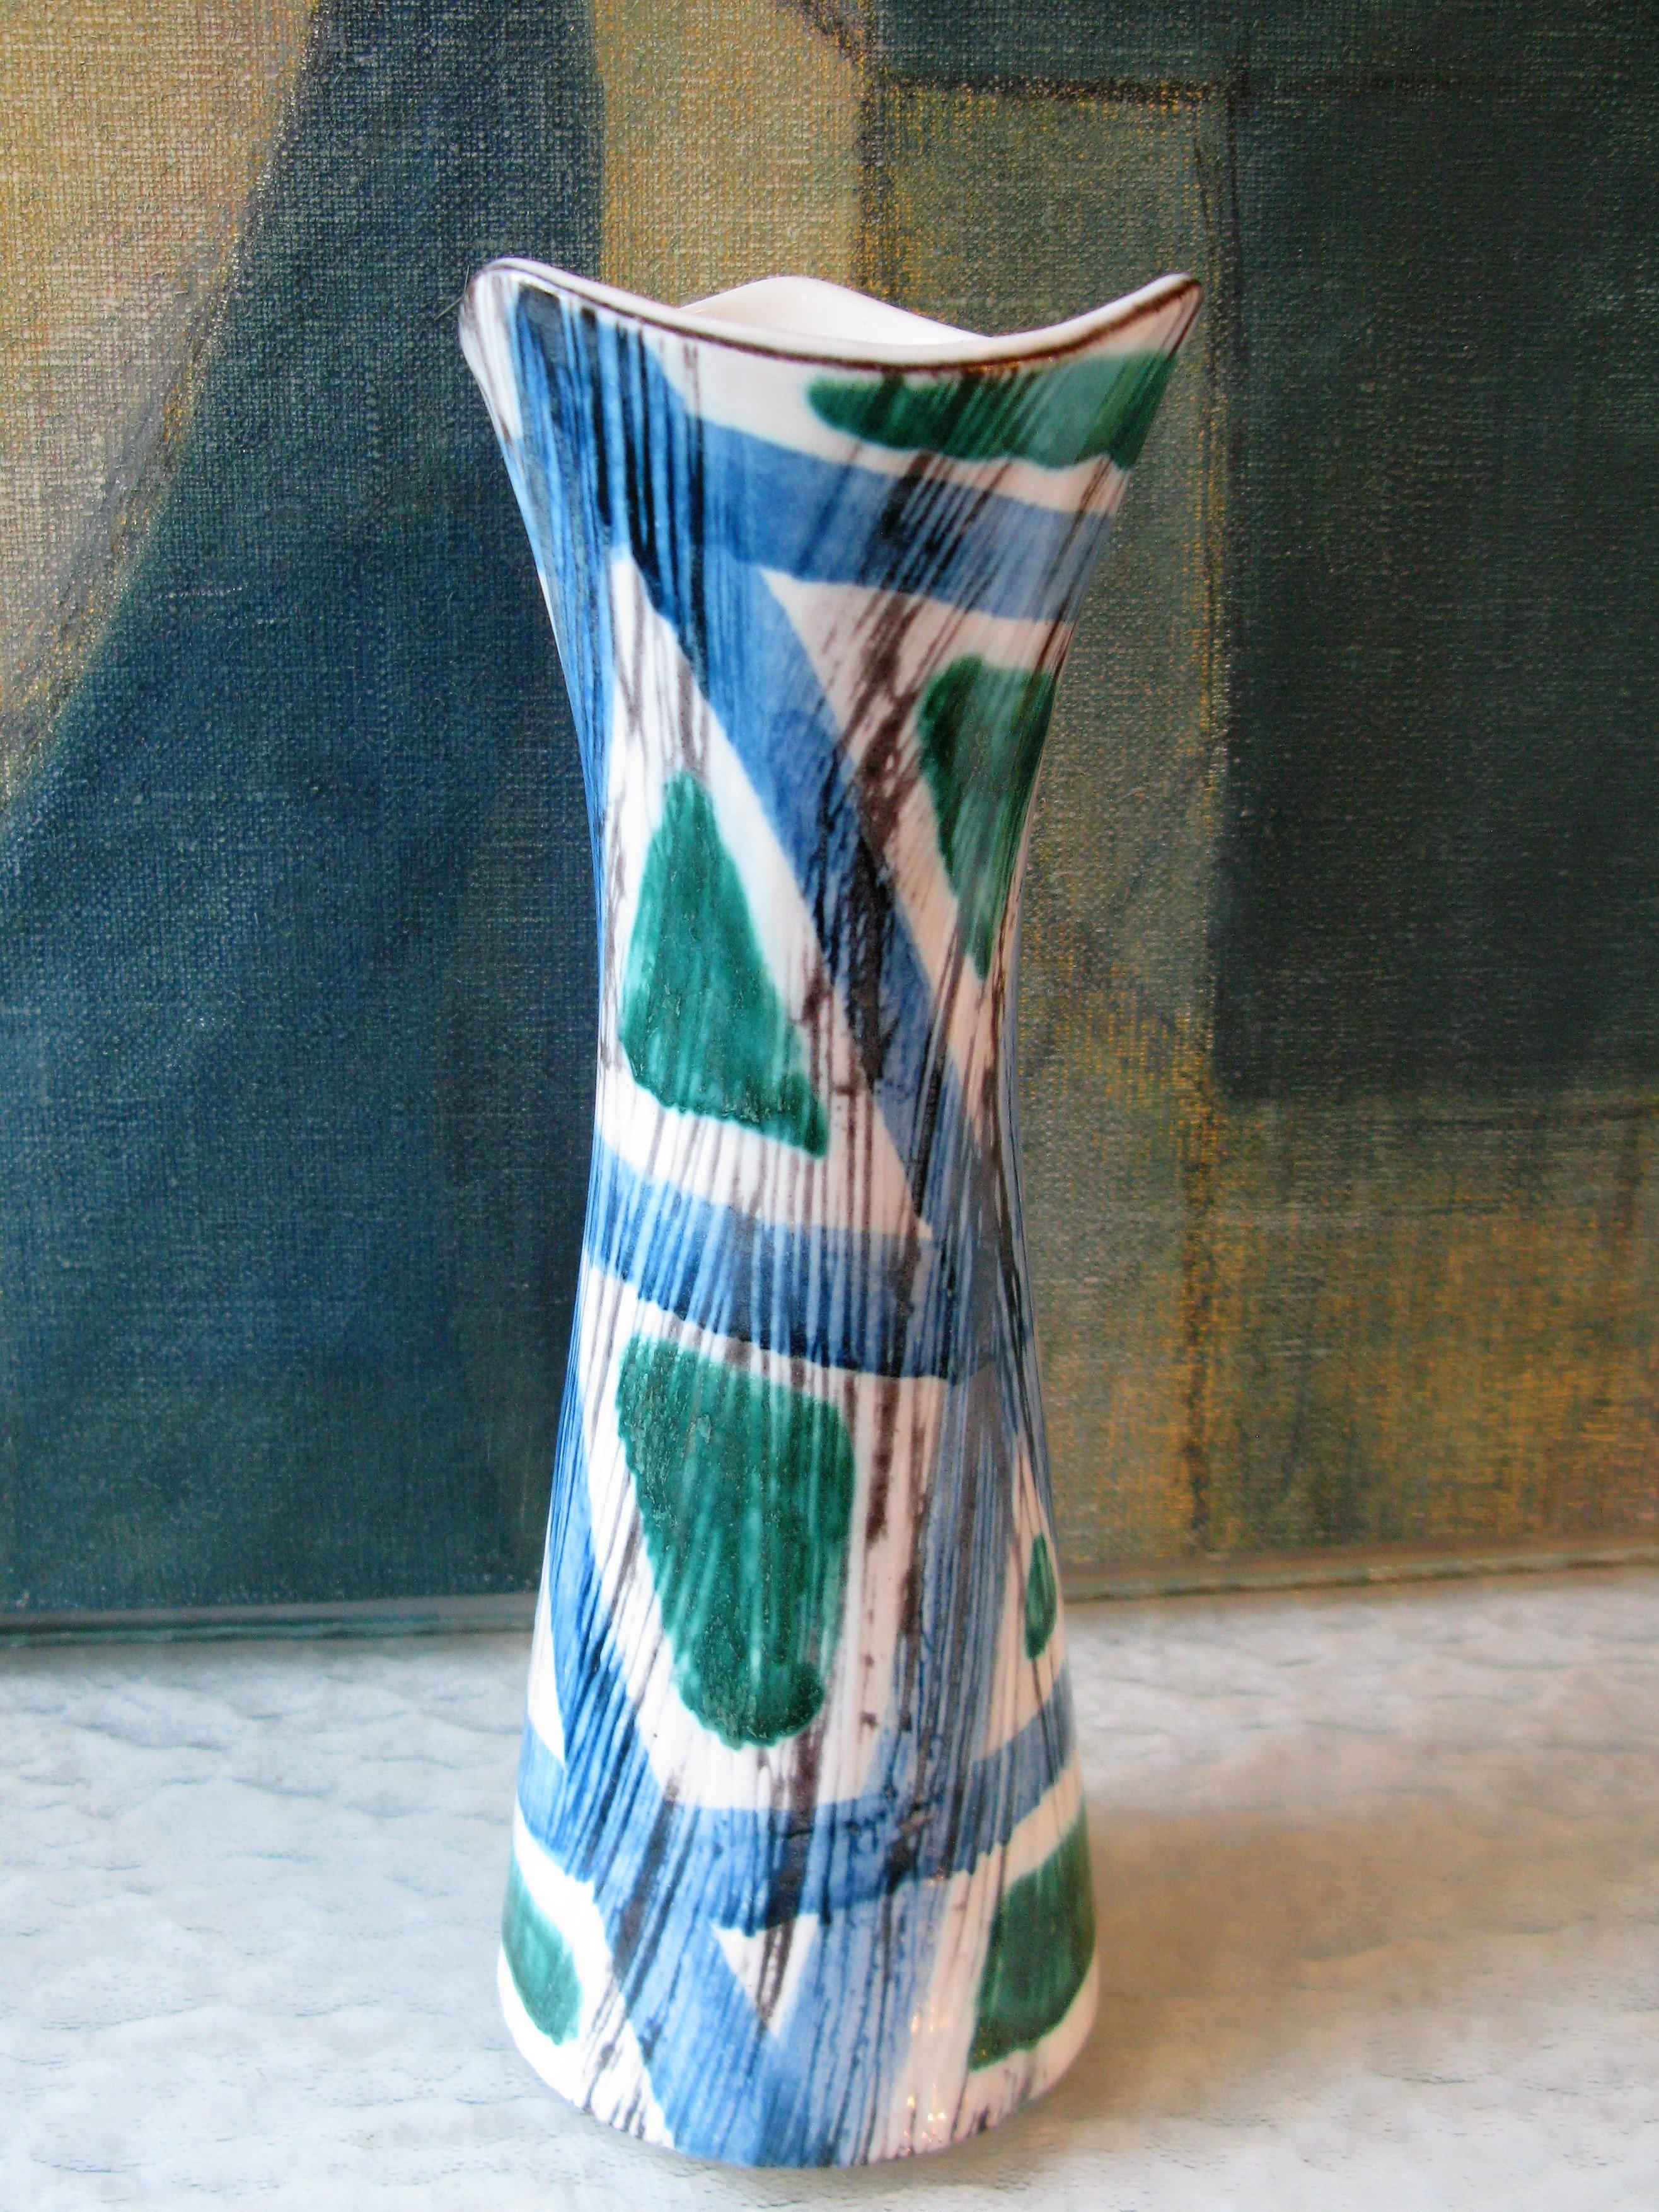 Blue/green vase 3030/279